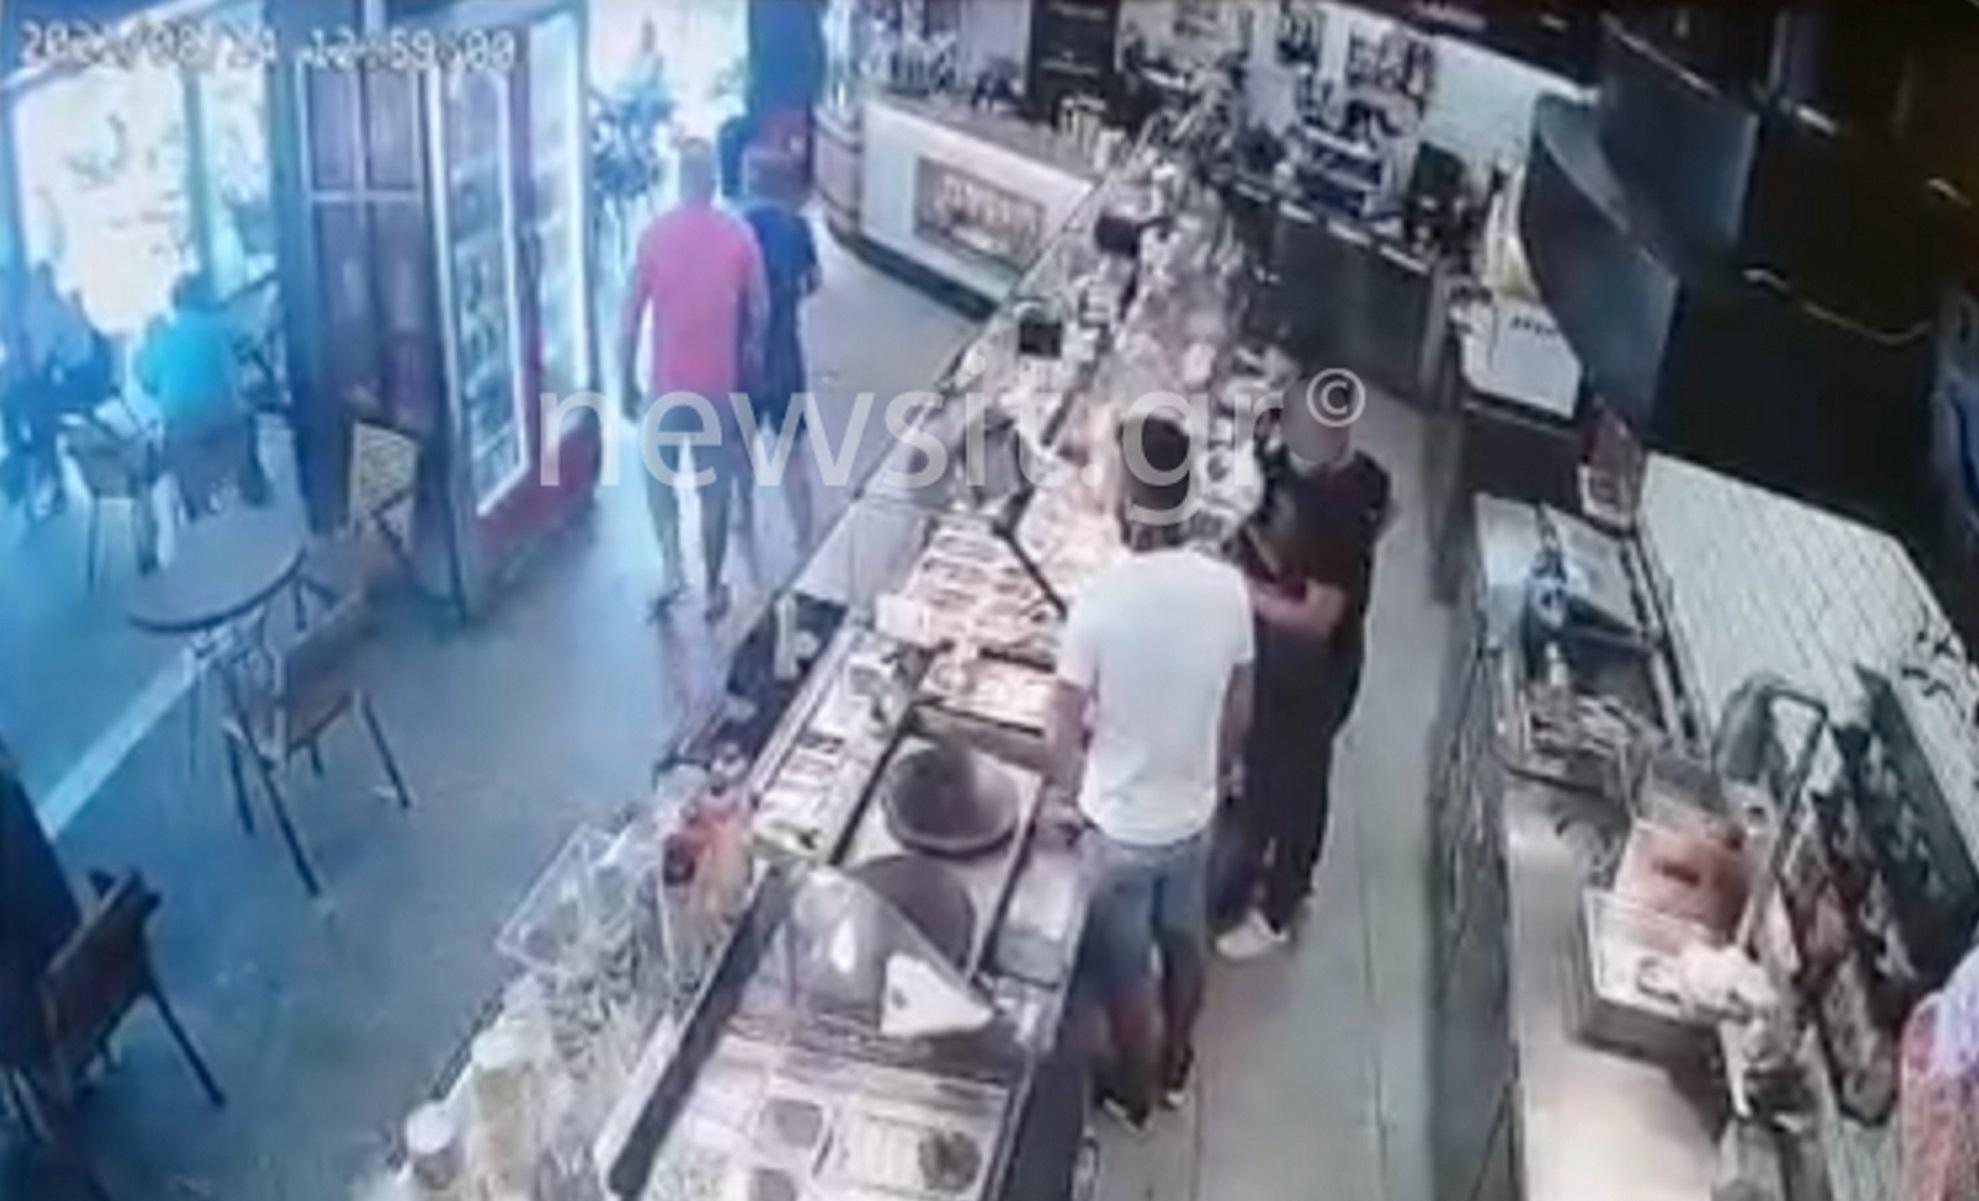 Γαλάτσι: Βίντεο ντοκουμέντο του Live News από τον διαπληκτισμό του 42χρονου που πυροβόλησε τον ντελιβερά